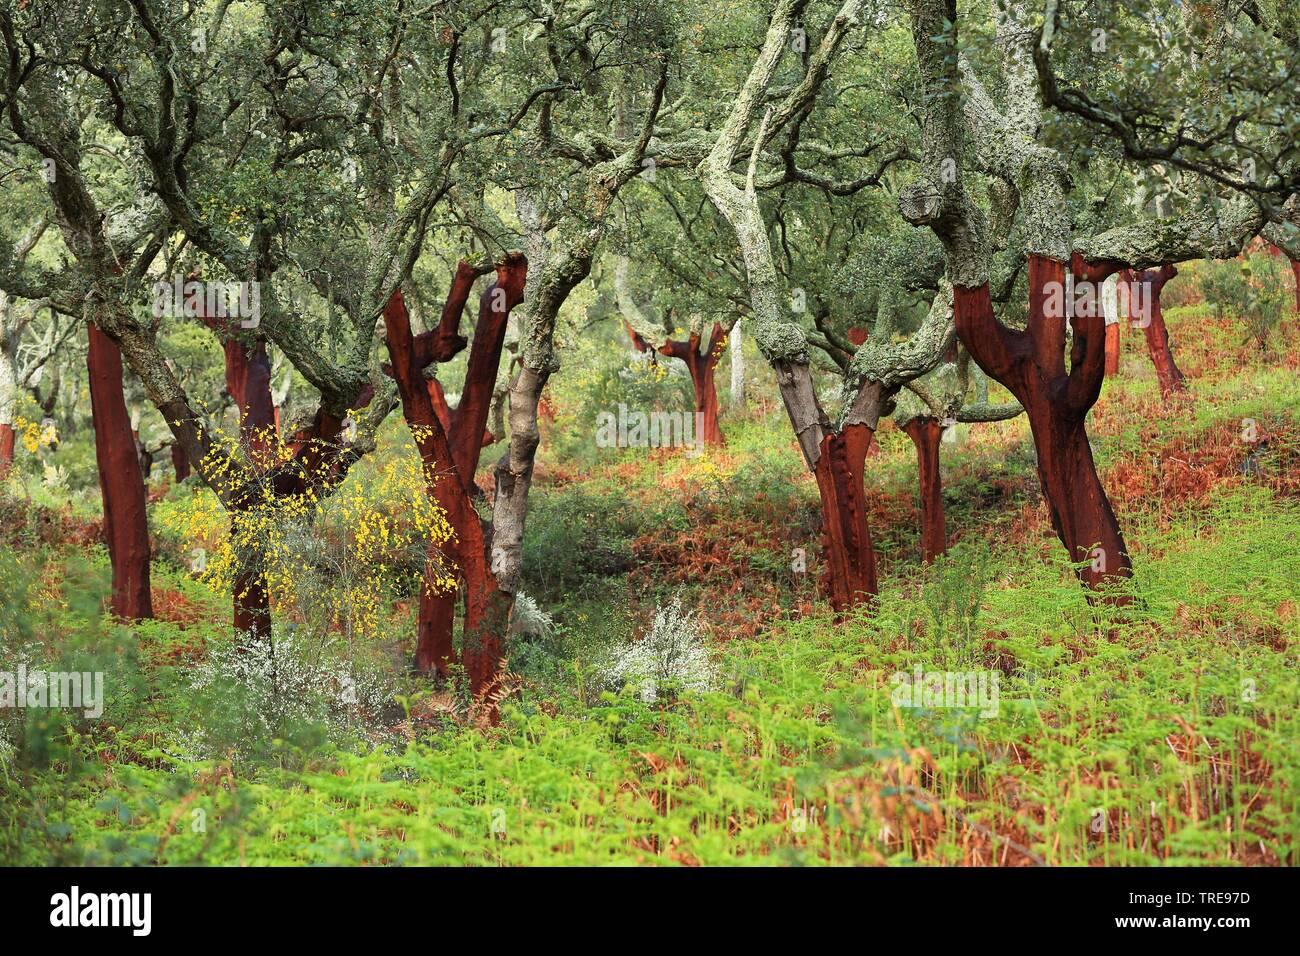 Korkeiche, Kork-Eiche (Quercus suber), Korkeichenwald, Spanien, Extremadura, Berzocana   cork oak (Quercus suber), cork oak forest, Spain, Extremadura - Stock Image